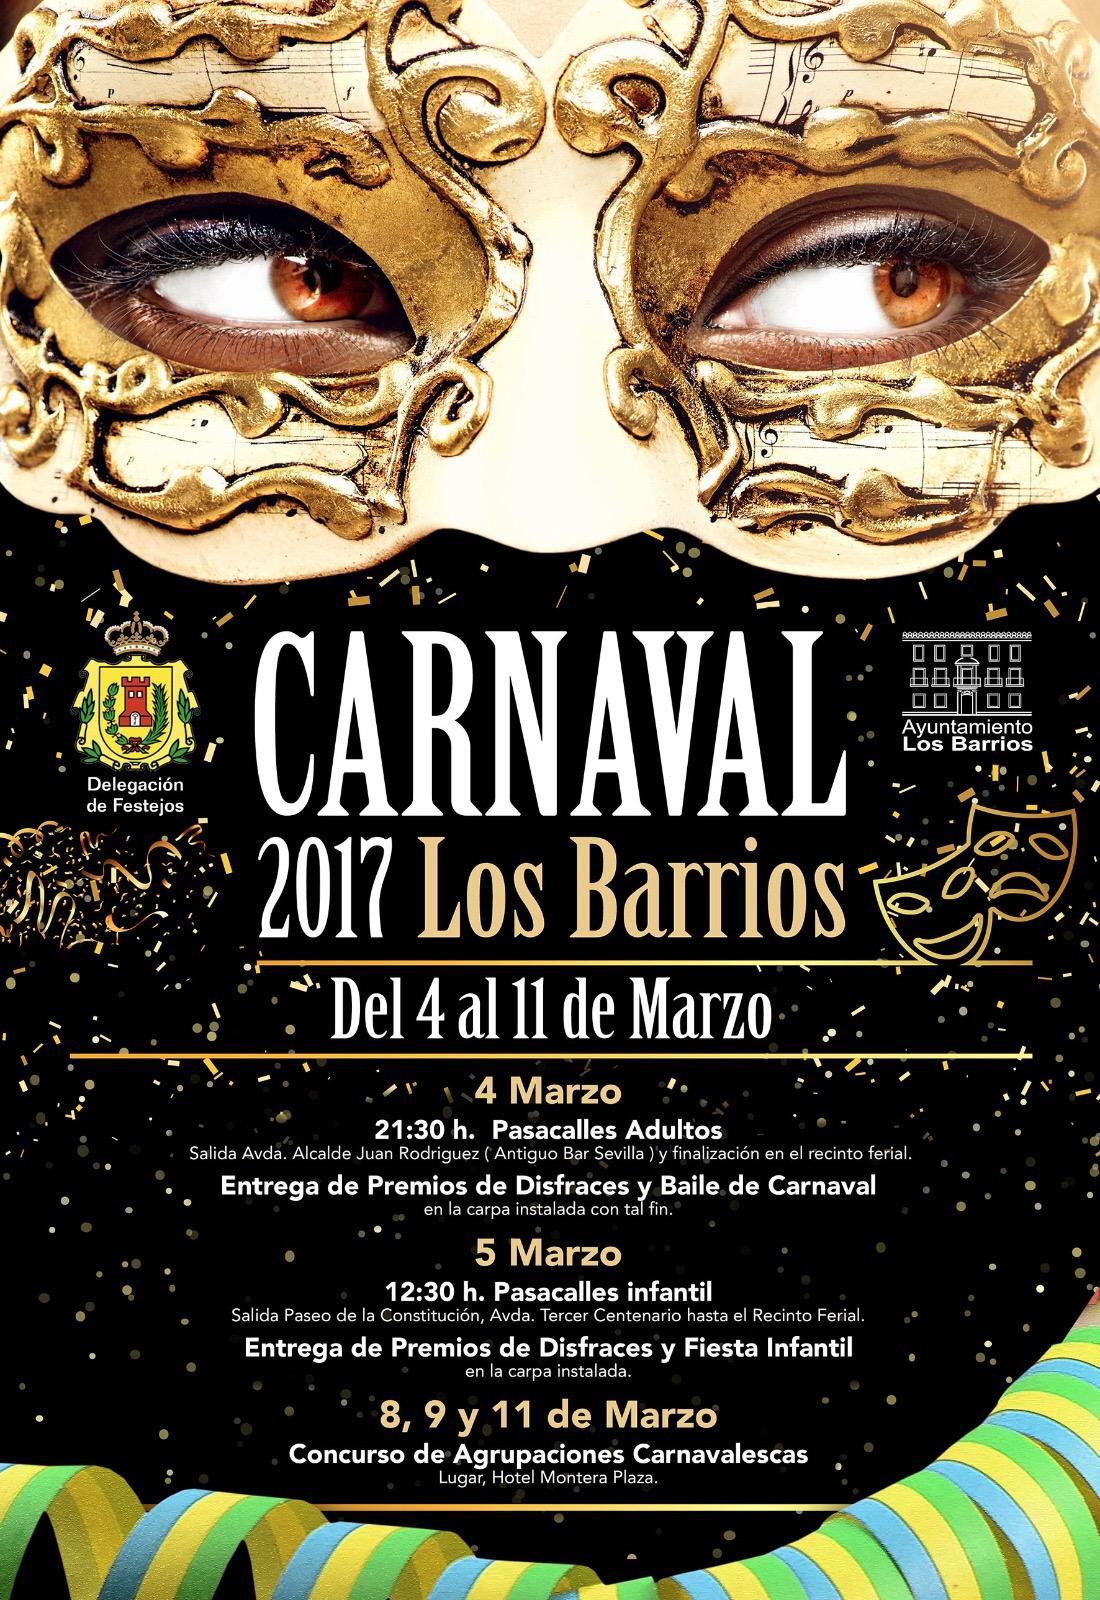 Carnaval en Los Barrios, del 4 al 11 de marzo